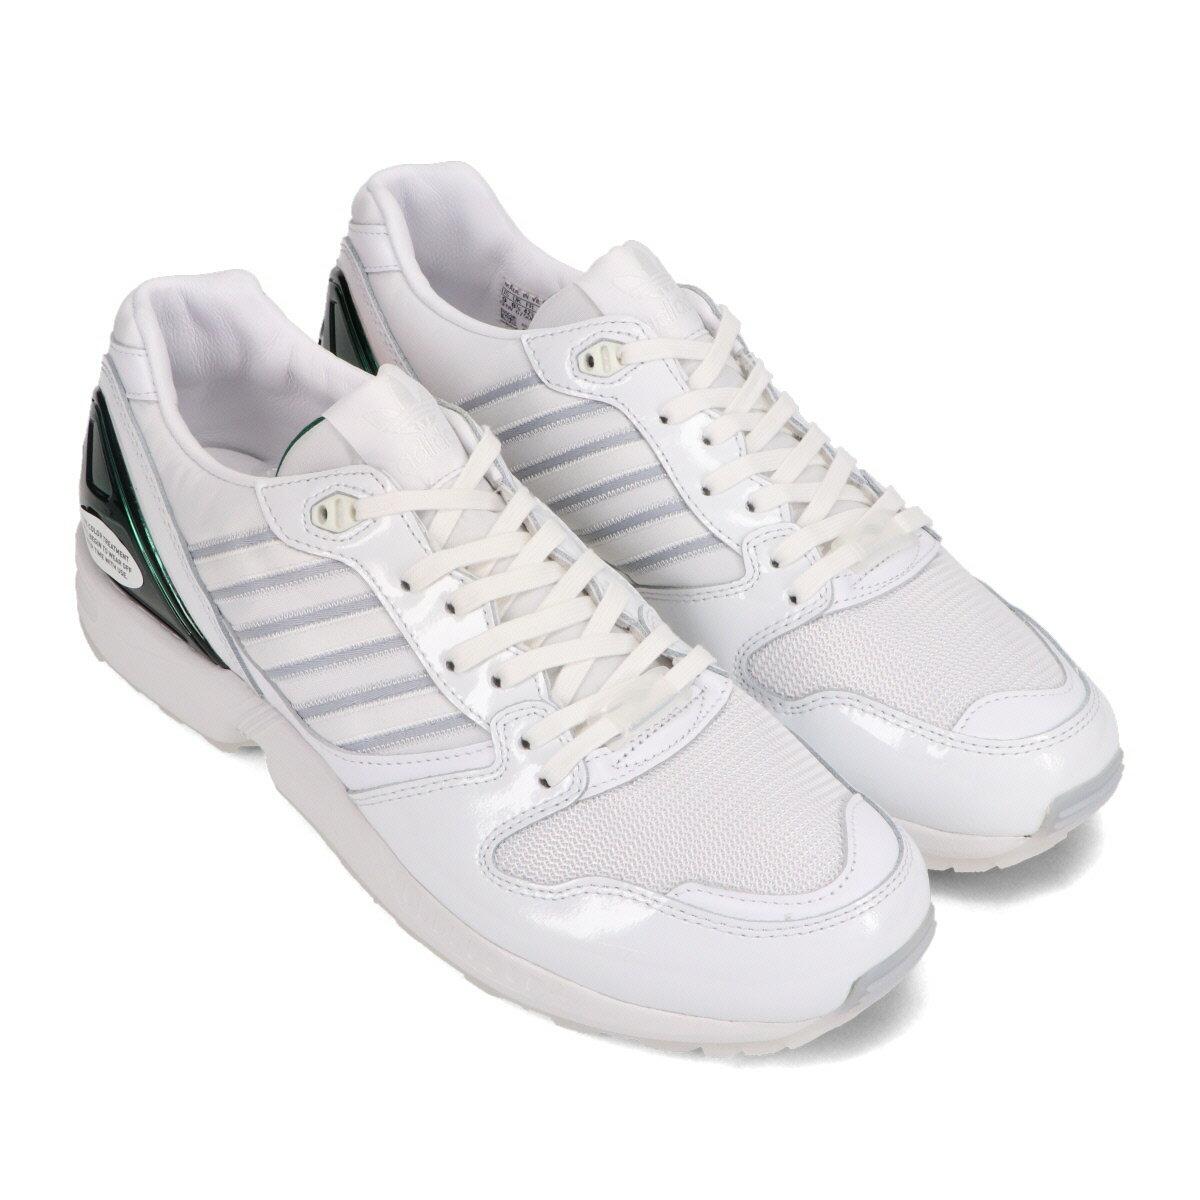 メンズ靴, スニーカー adidas ZX 5000 THE U( ZX 5000 THE U)FOOTWEAR WHITECOLLEGE ORANGEDARK GREEN 20FW-S atp21ssl at20-c